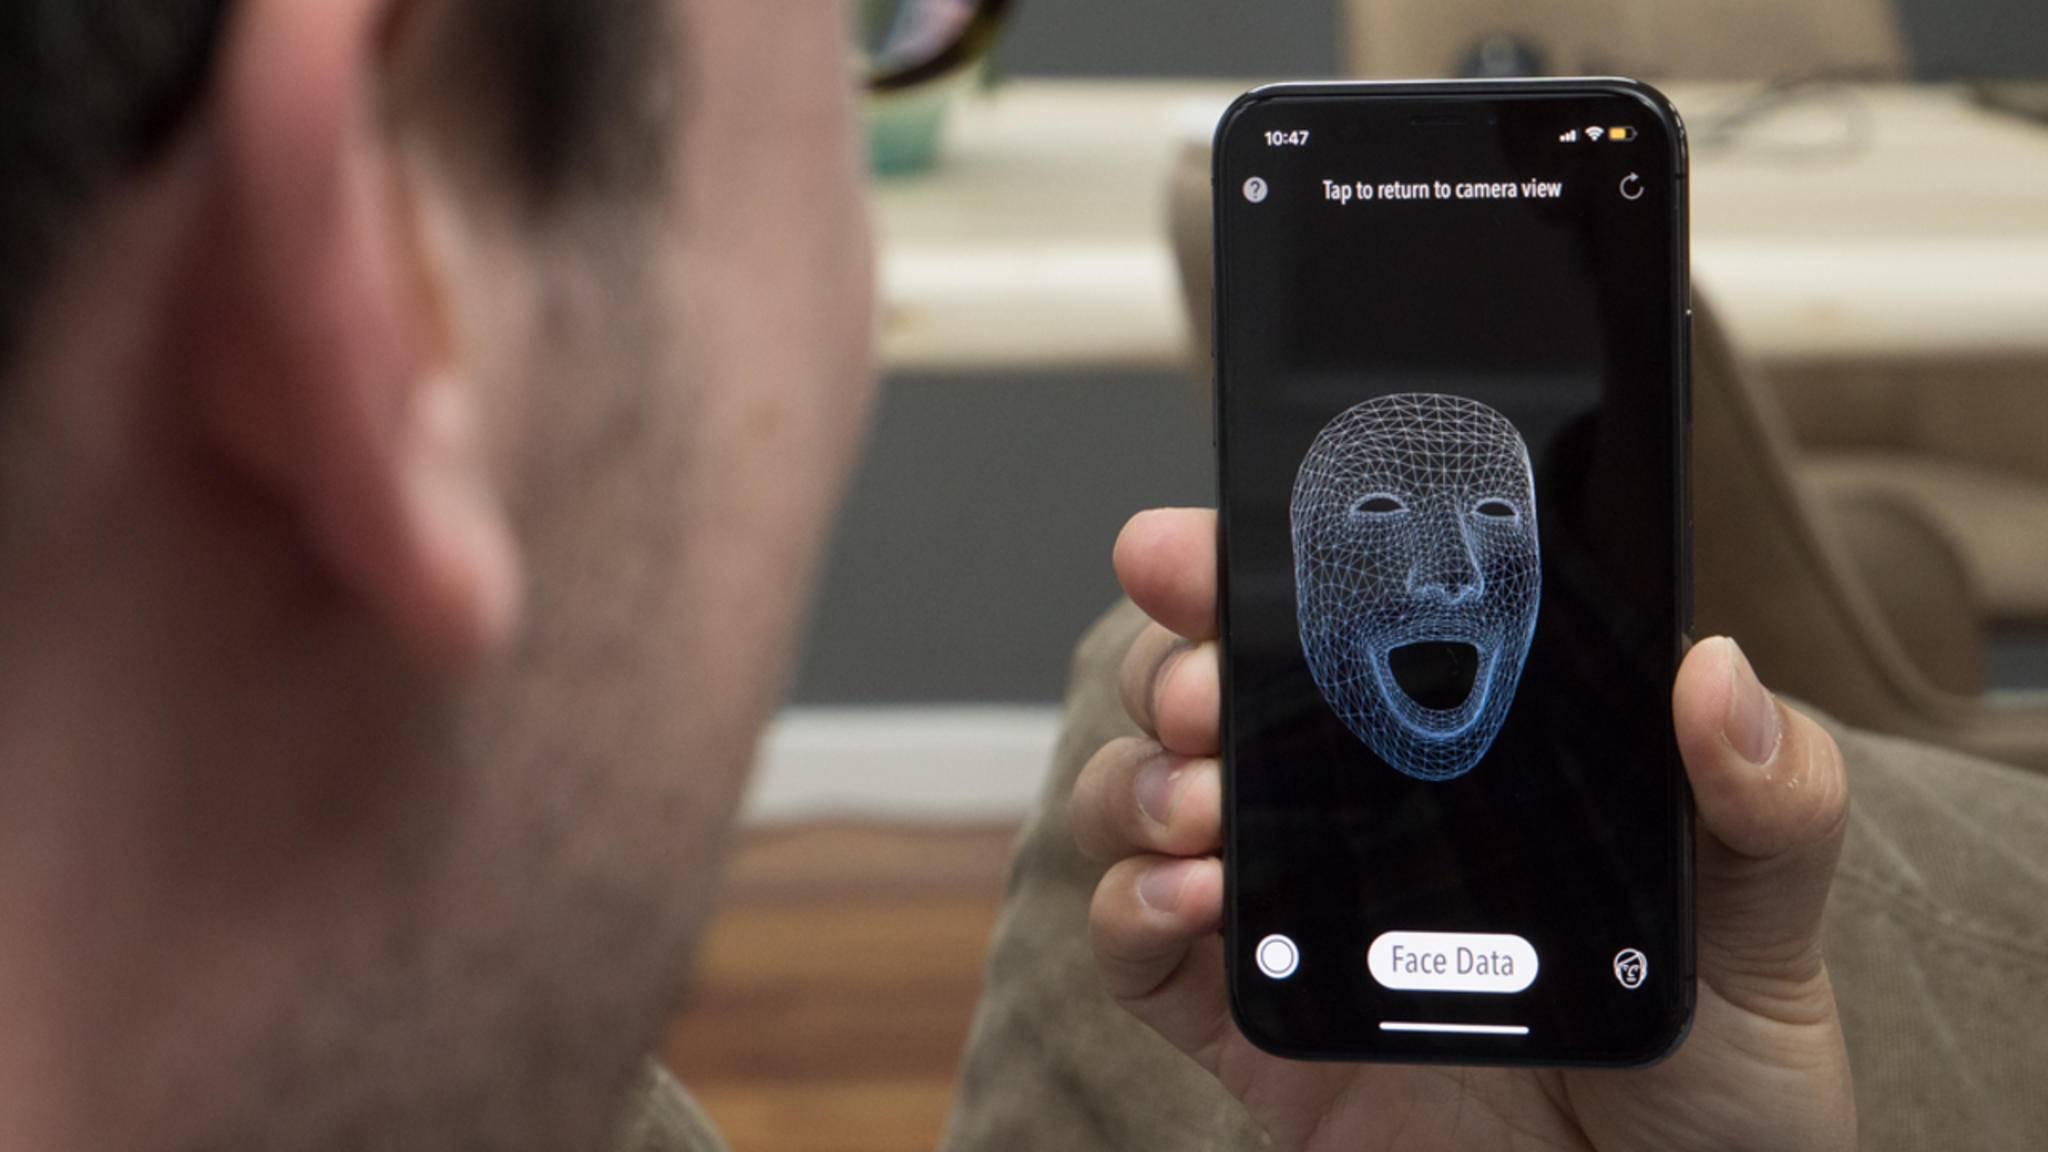 Mit ein paar Tipps kannst Du sicherstellen, dass Face ID Dein Gesicht schnell erkennt.